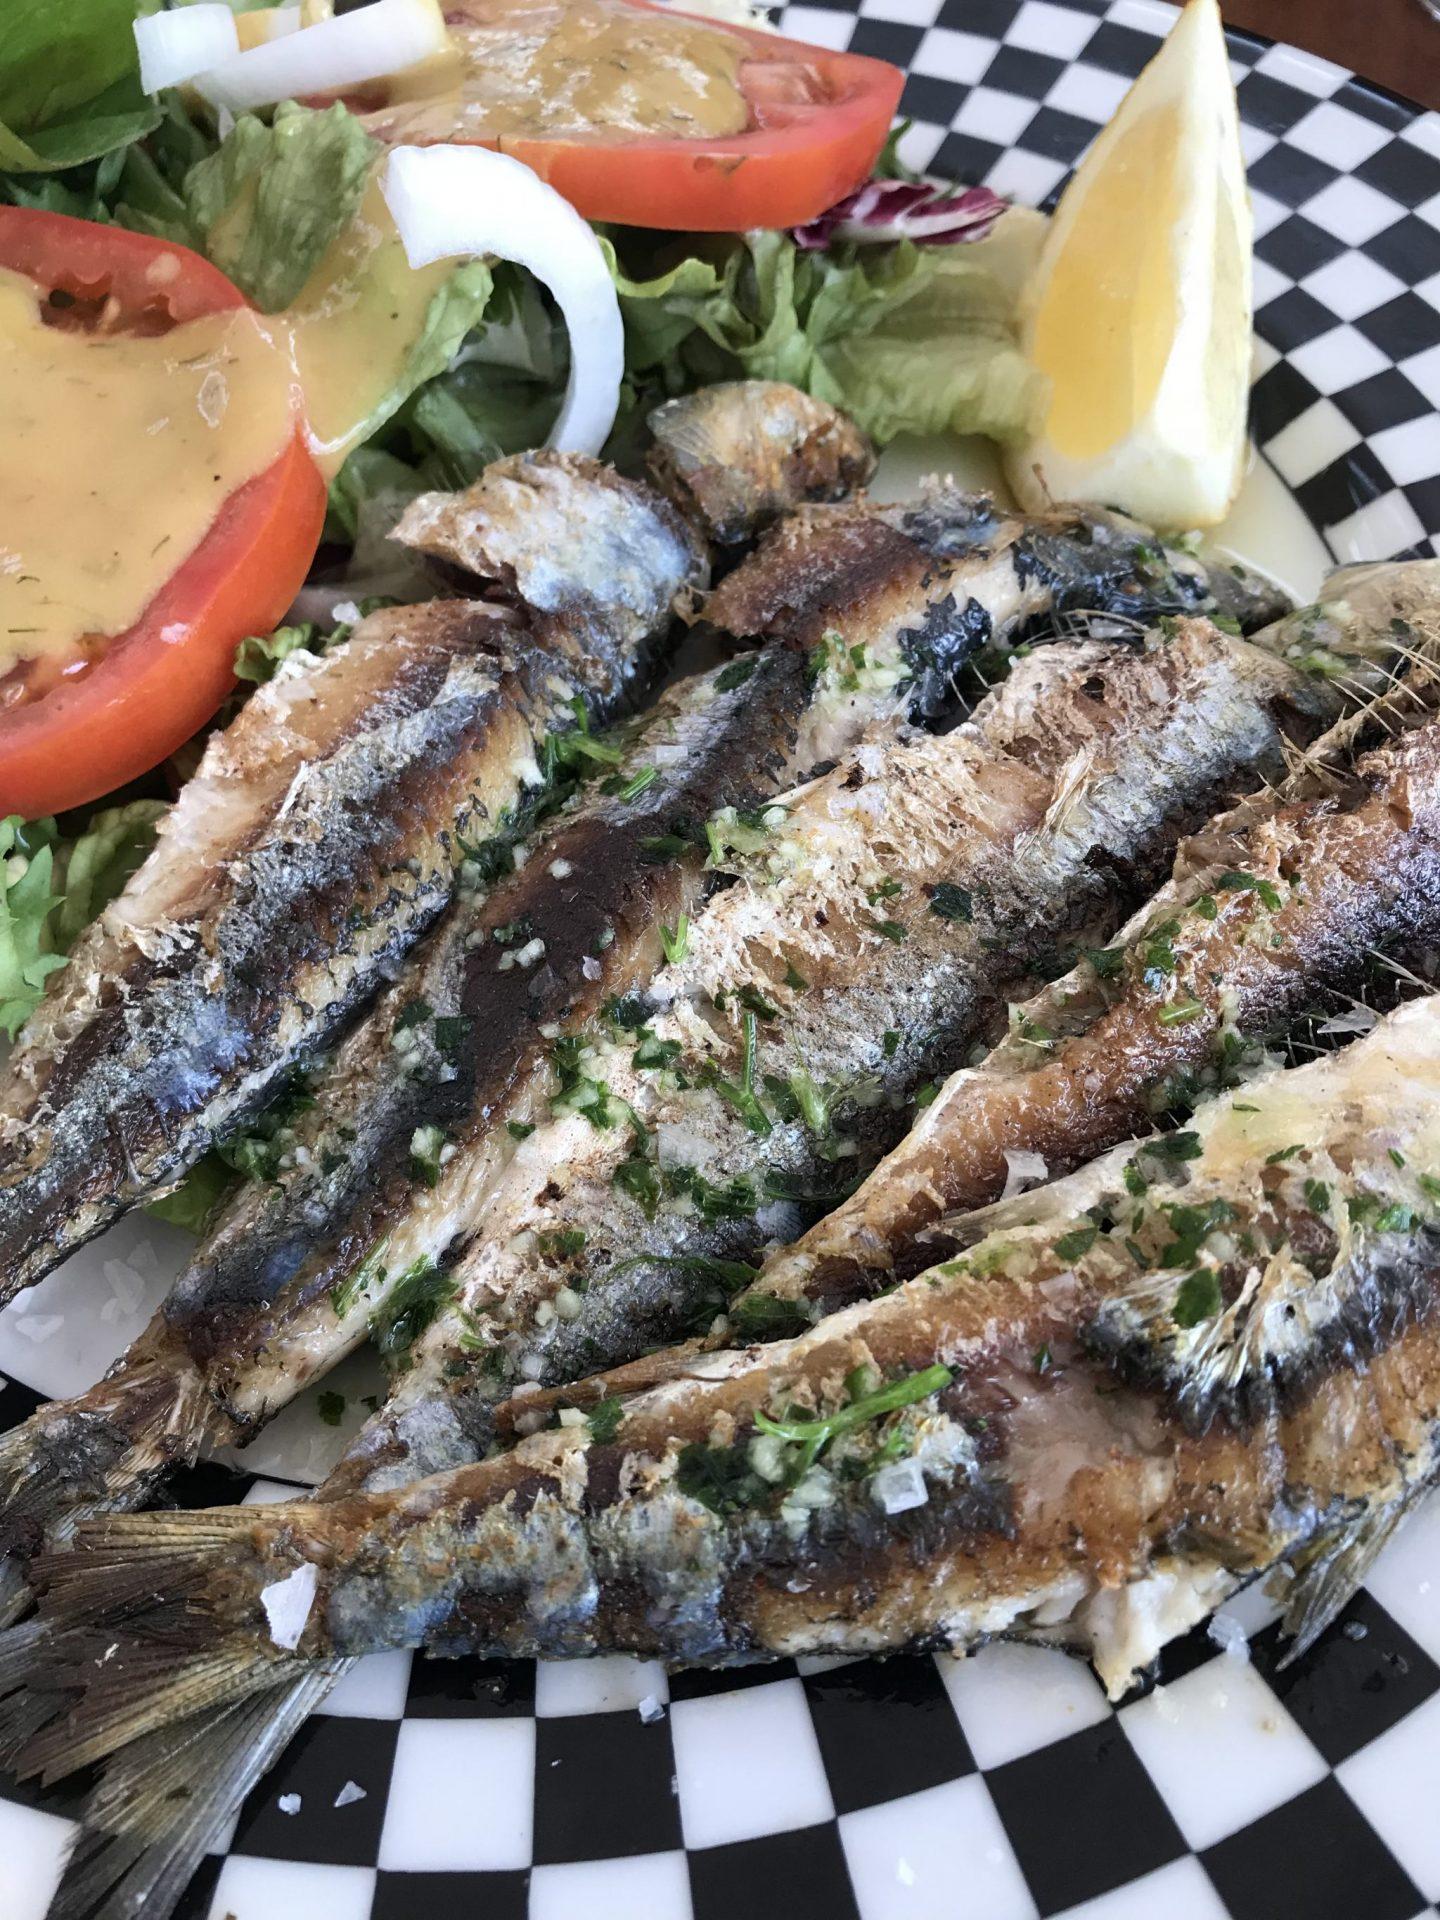 Erfahrung Bewertung Kritik Foodblog Sternestulle Sardinen vom Grill Restaurant Balear Port de Soller Mallorca